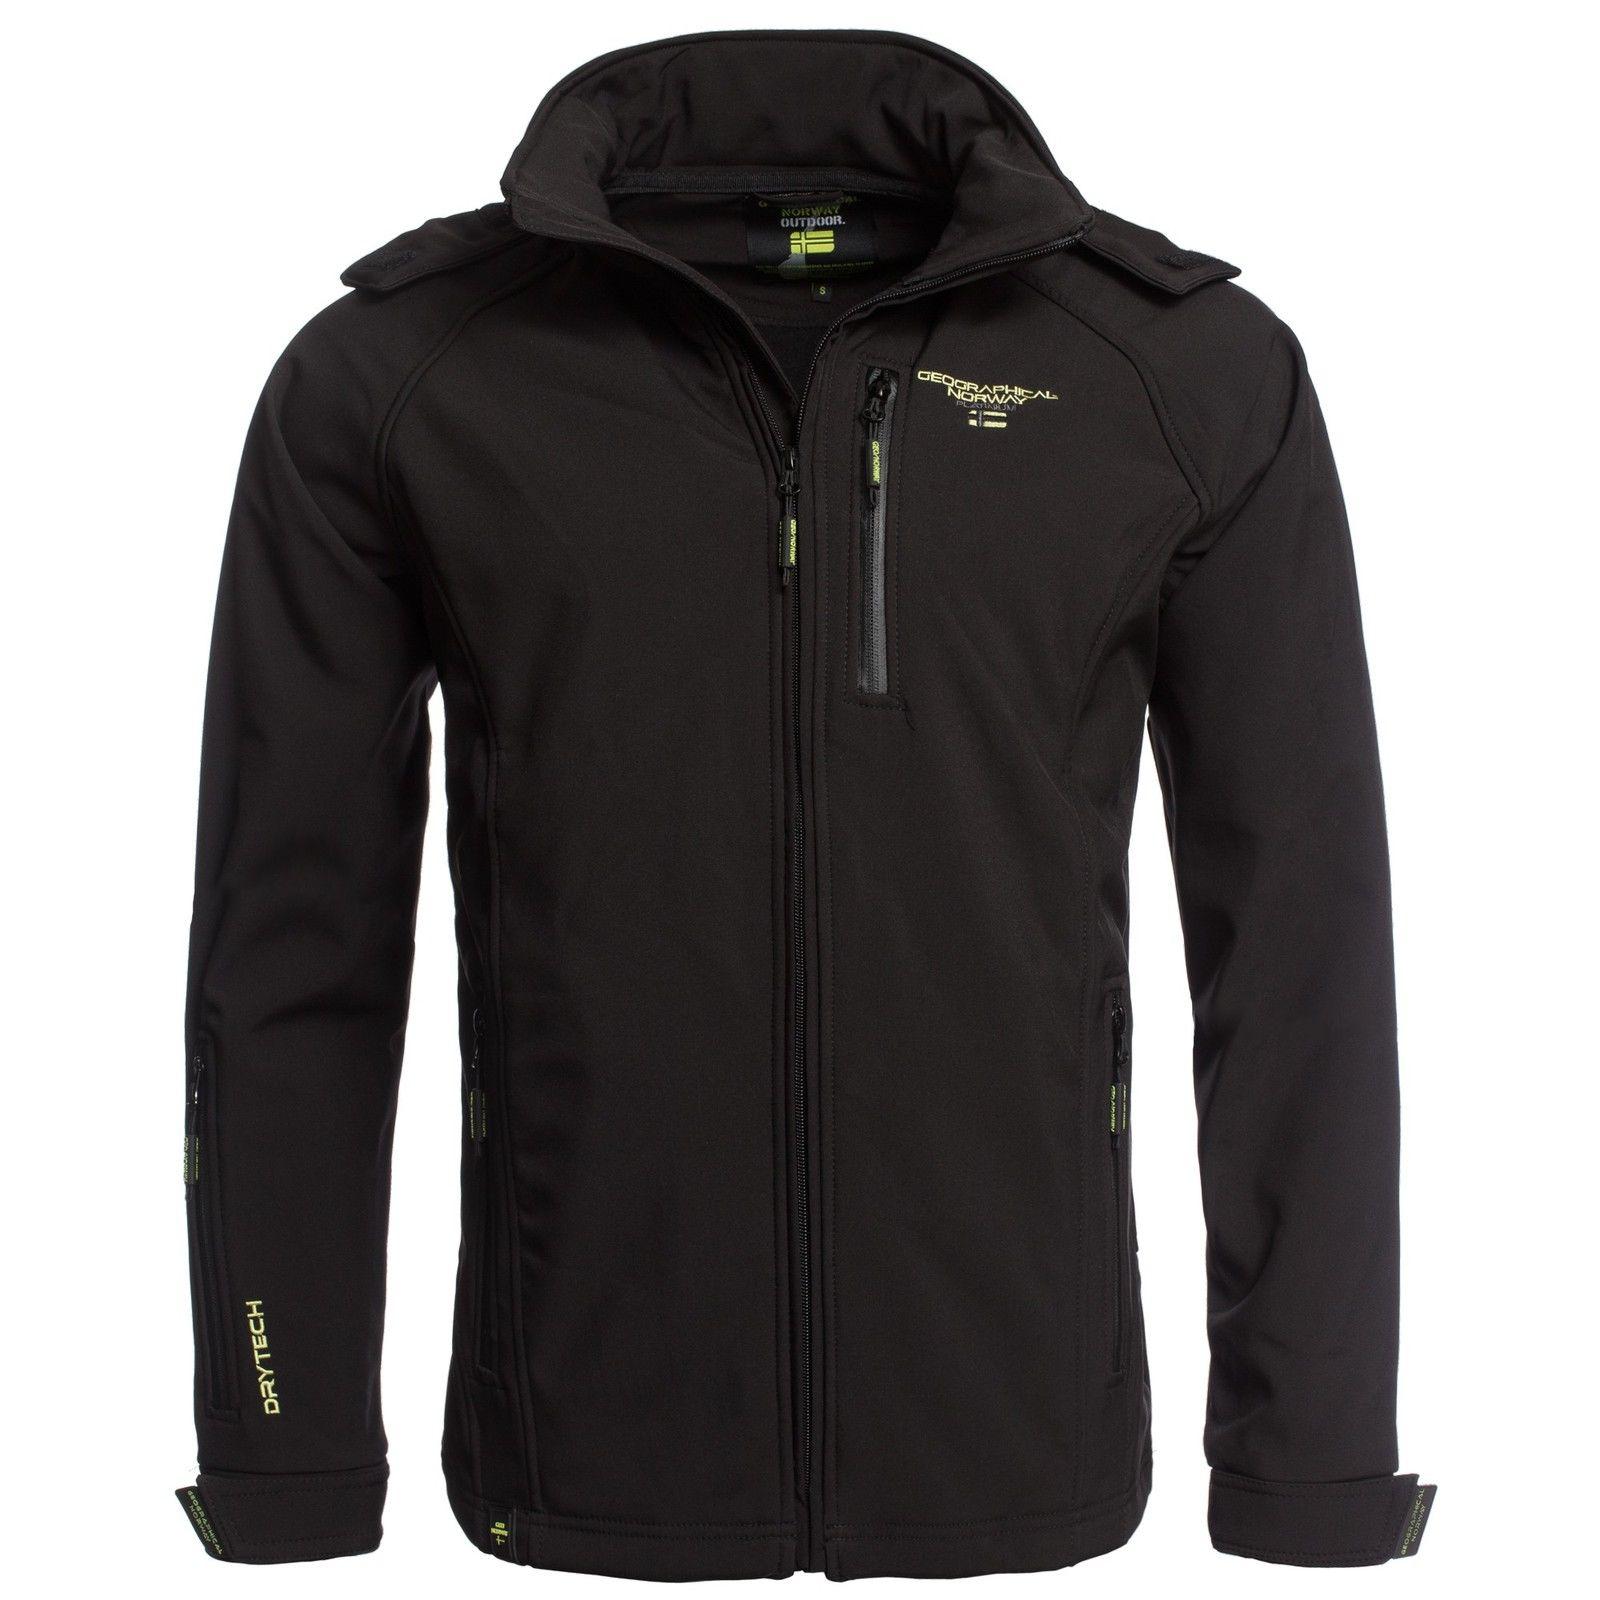 Geographical Norway Softshell Jacke für Damen und Herren